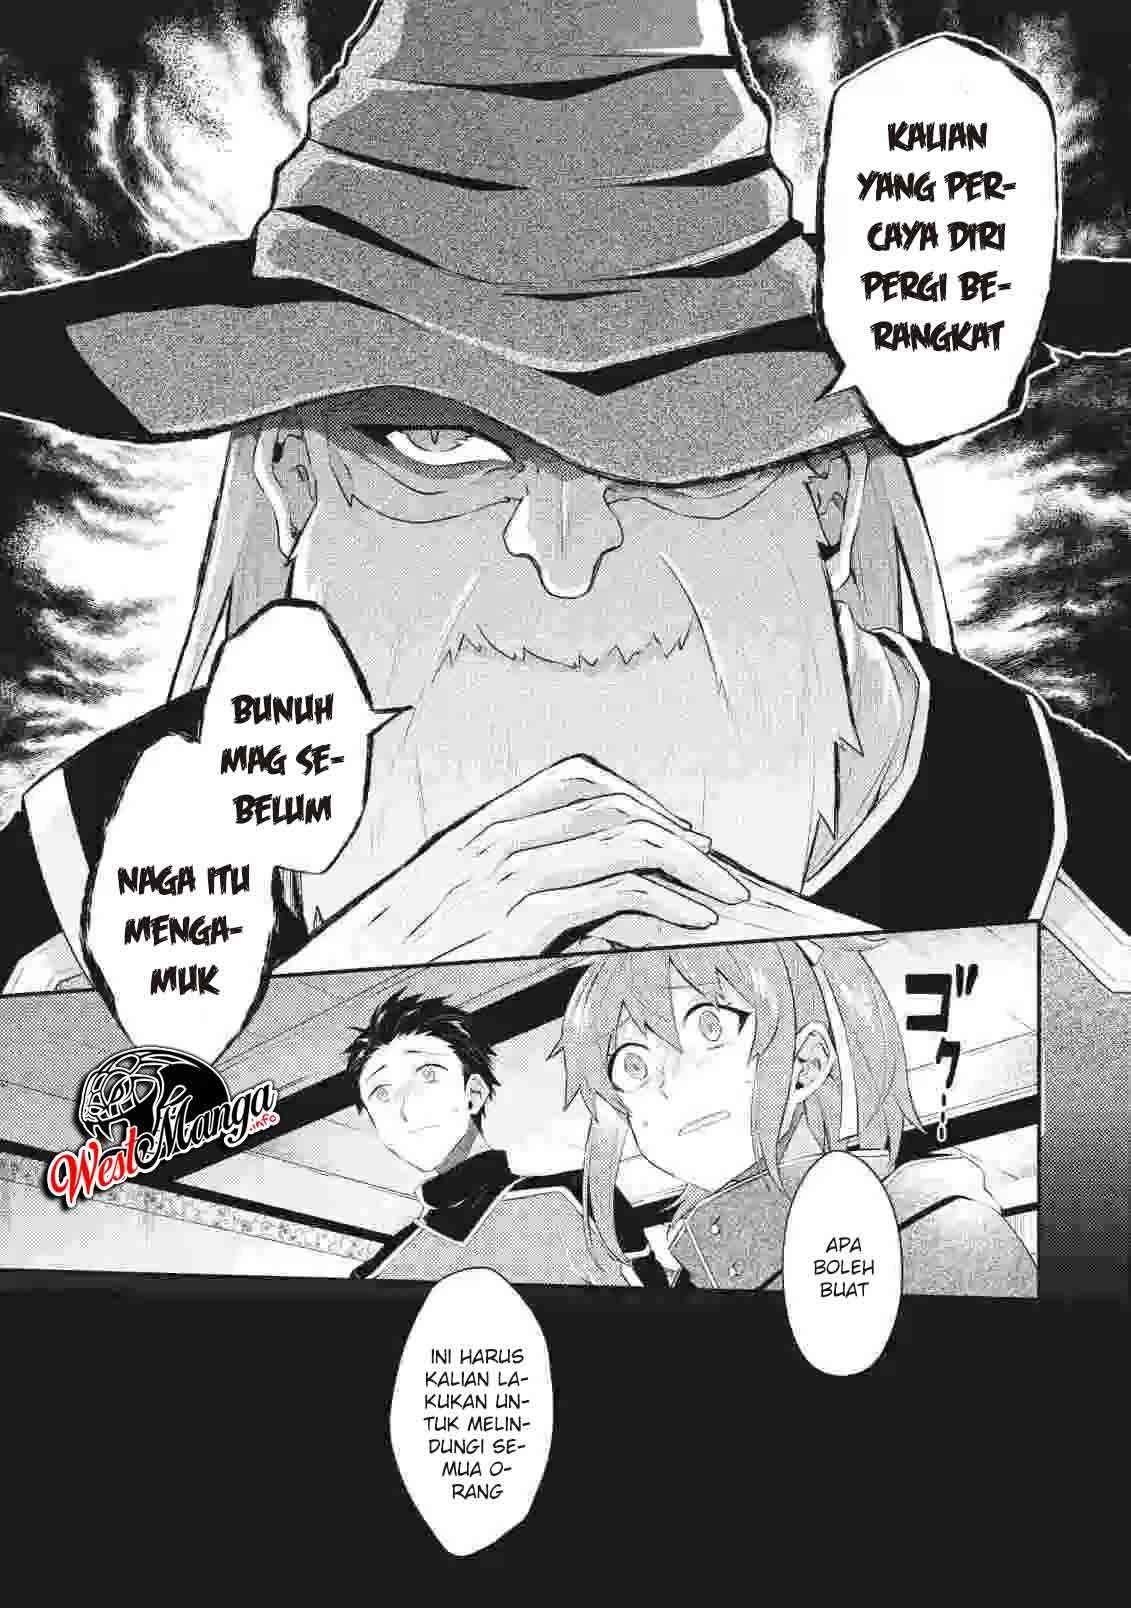 Sekai Saikyou no Shinjuu Tsukai: Chapter 06.1 - Page 6